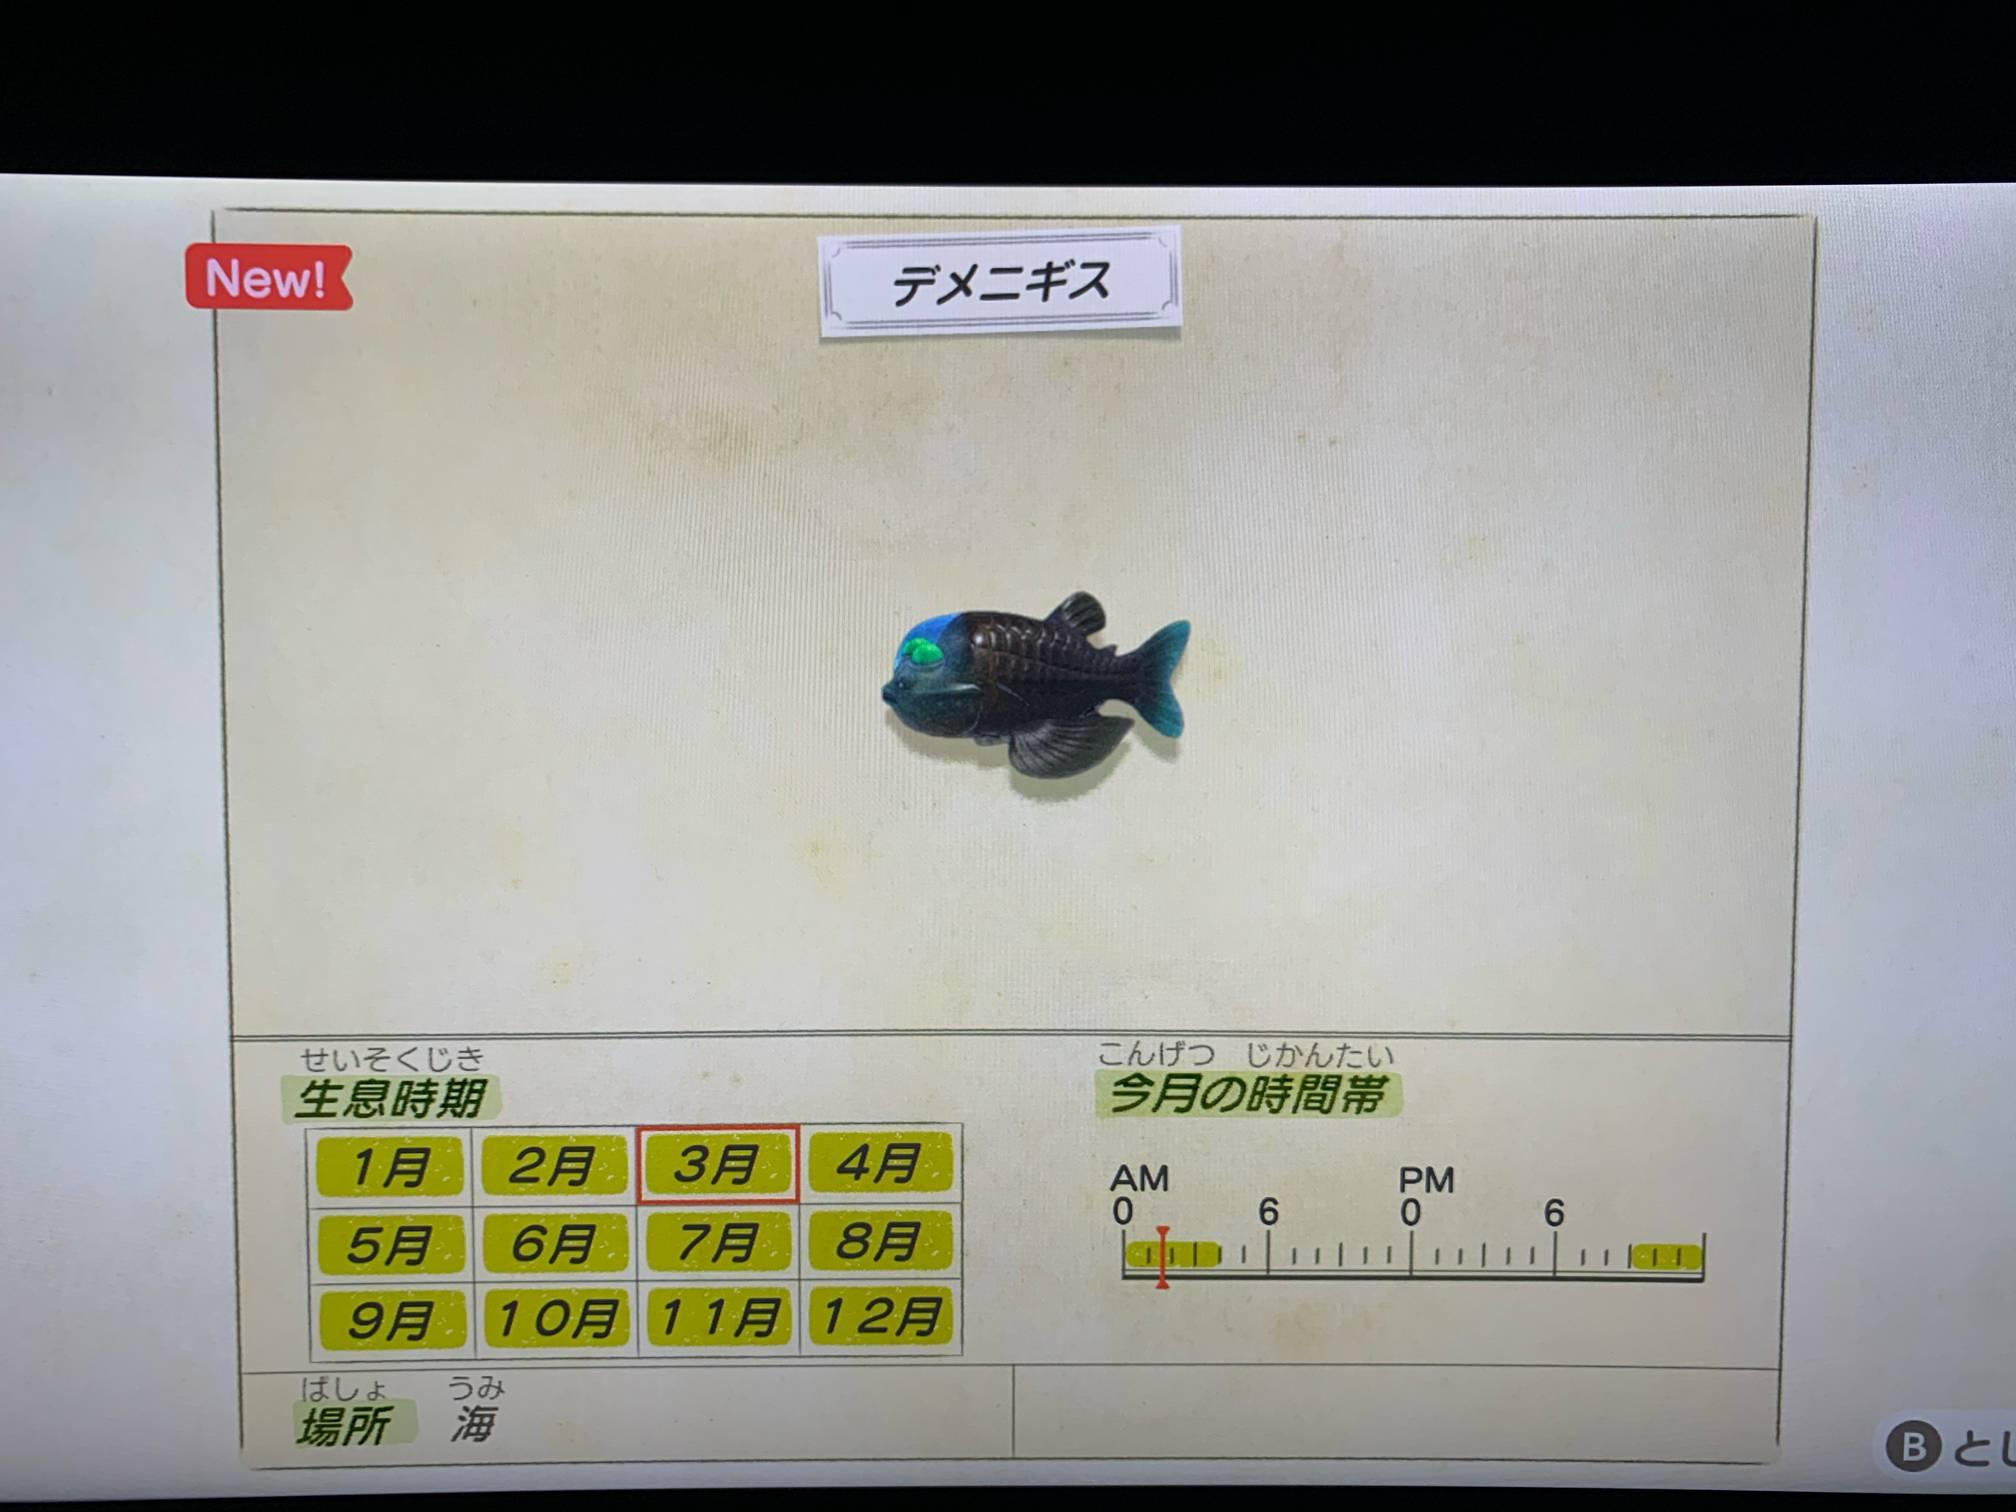 Z9BxTby - 【朗報】どうぶつの森、ゲーム史上最高の初週売上を記録  3